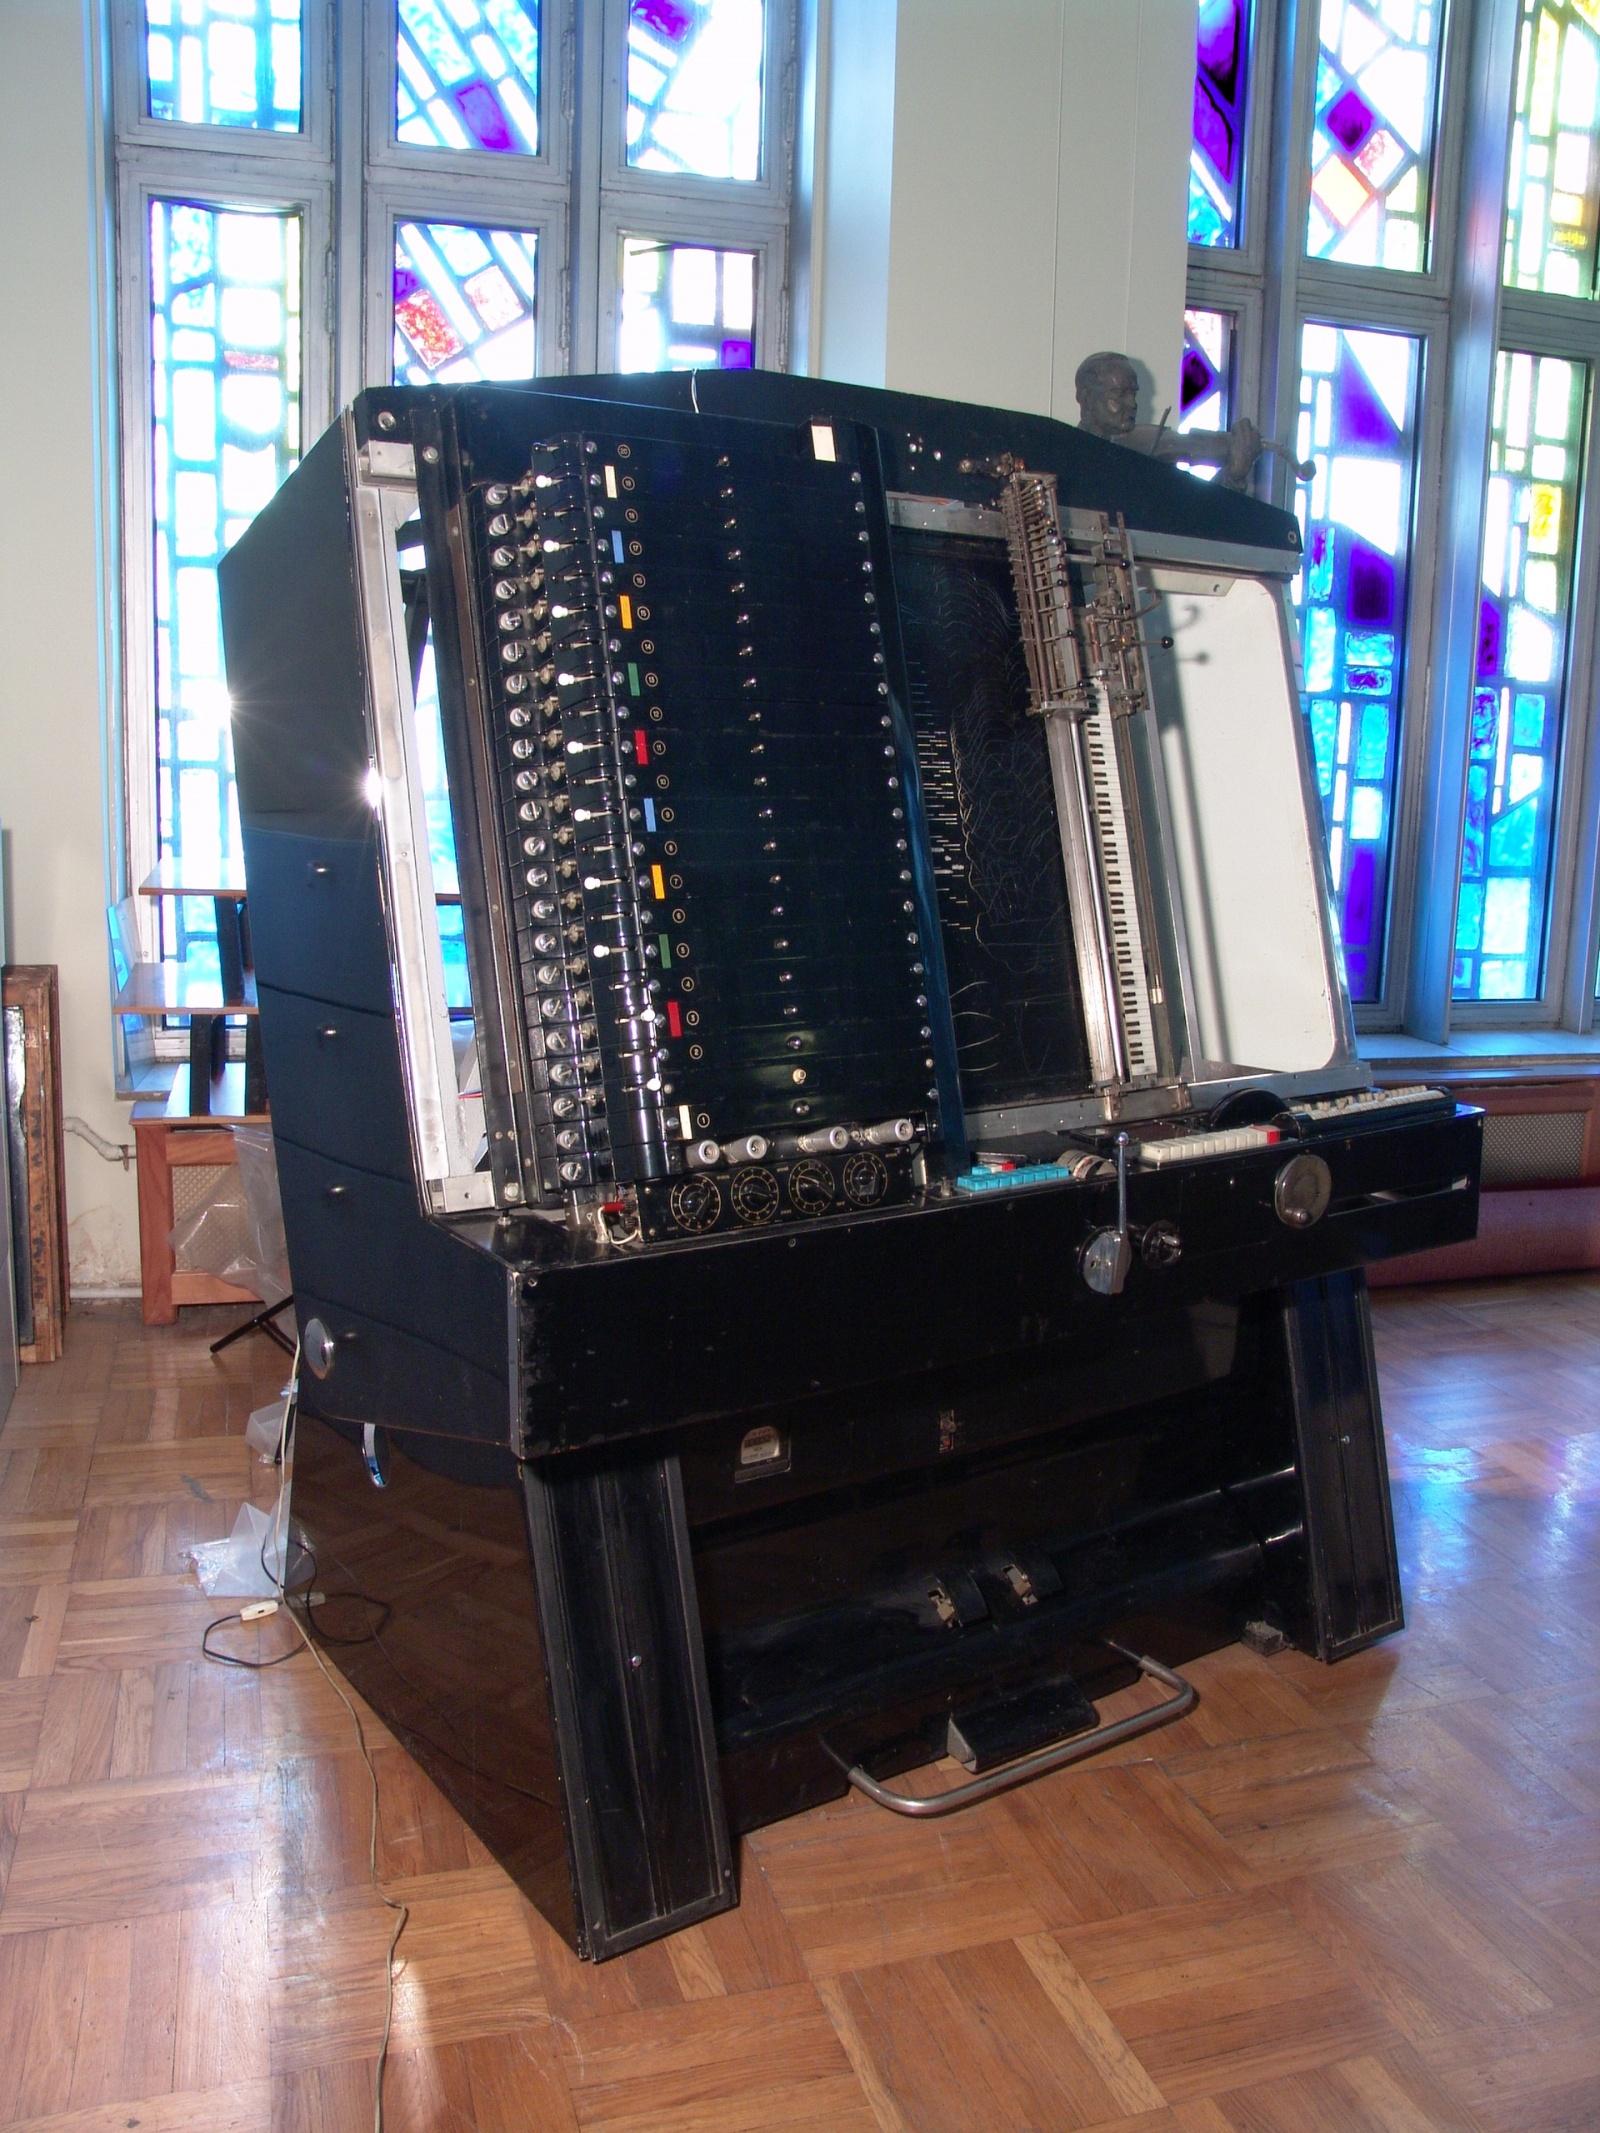 Тернистый путь эволюции синтезаторов: забытая история революционных изобретений - 33